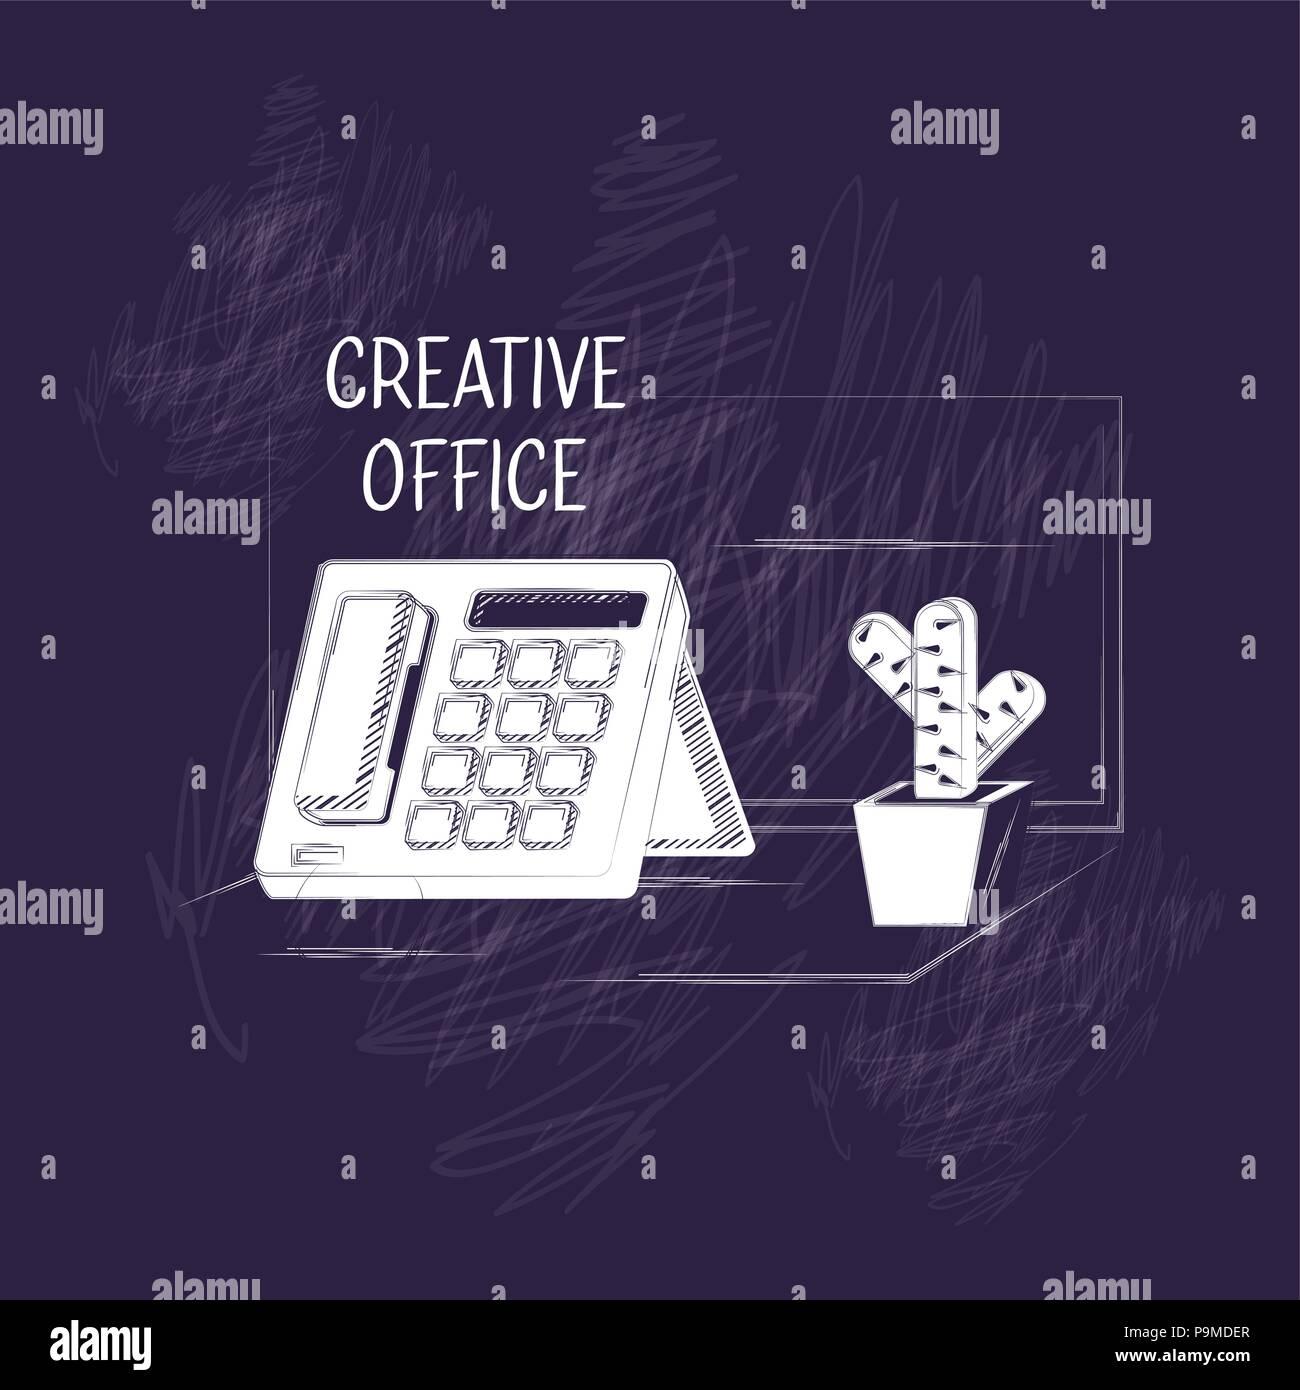 Creative Design Per Ufficio Con Telefono E Cactus Icona Pot Su